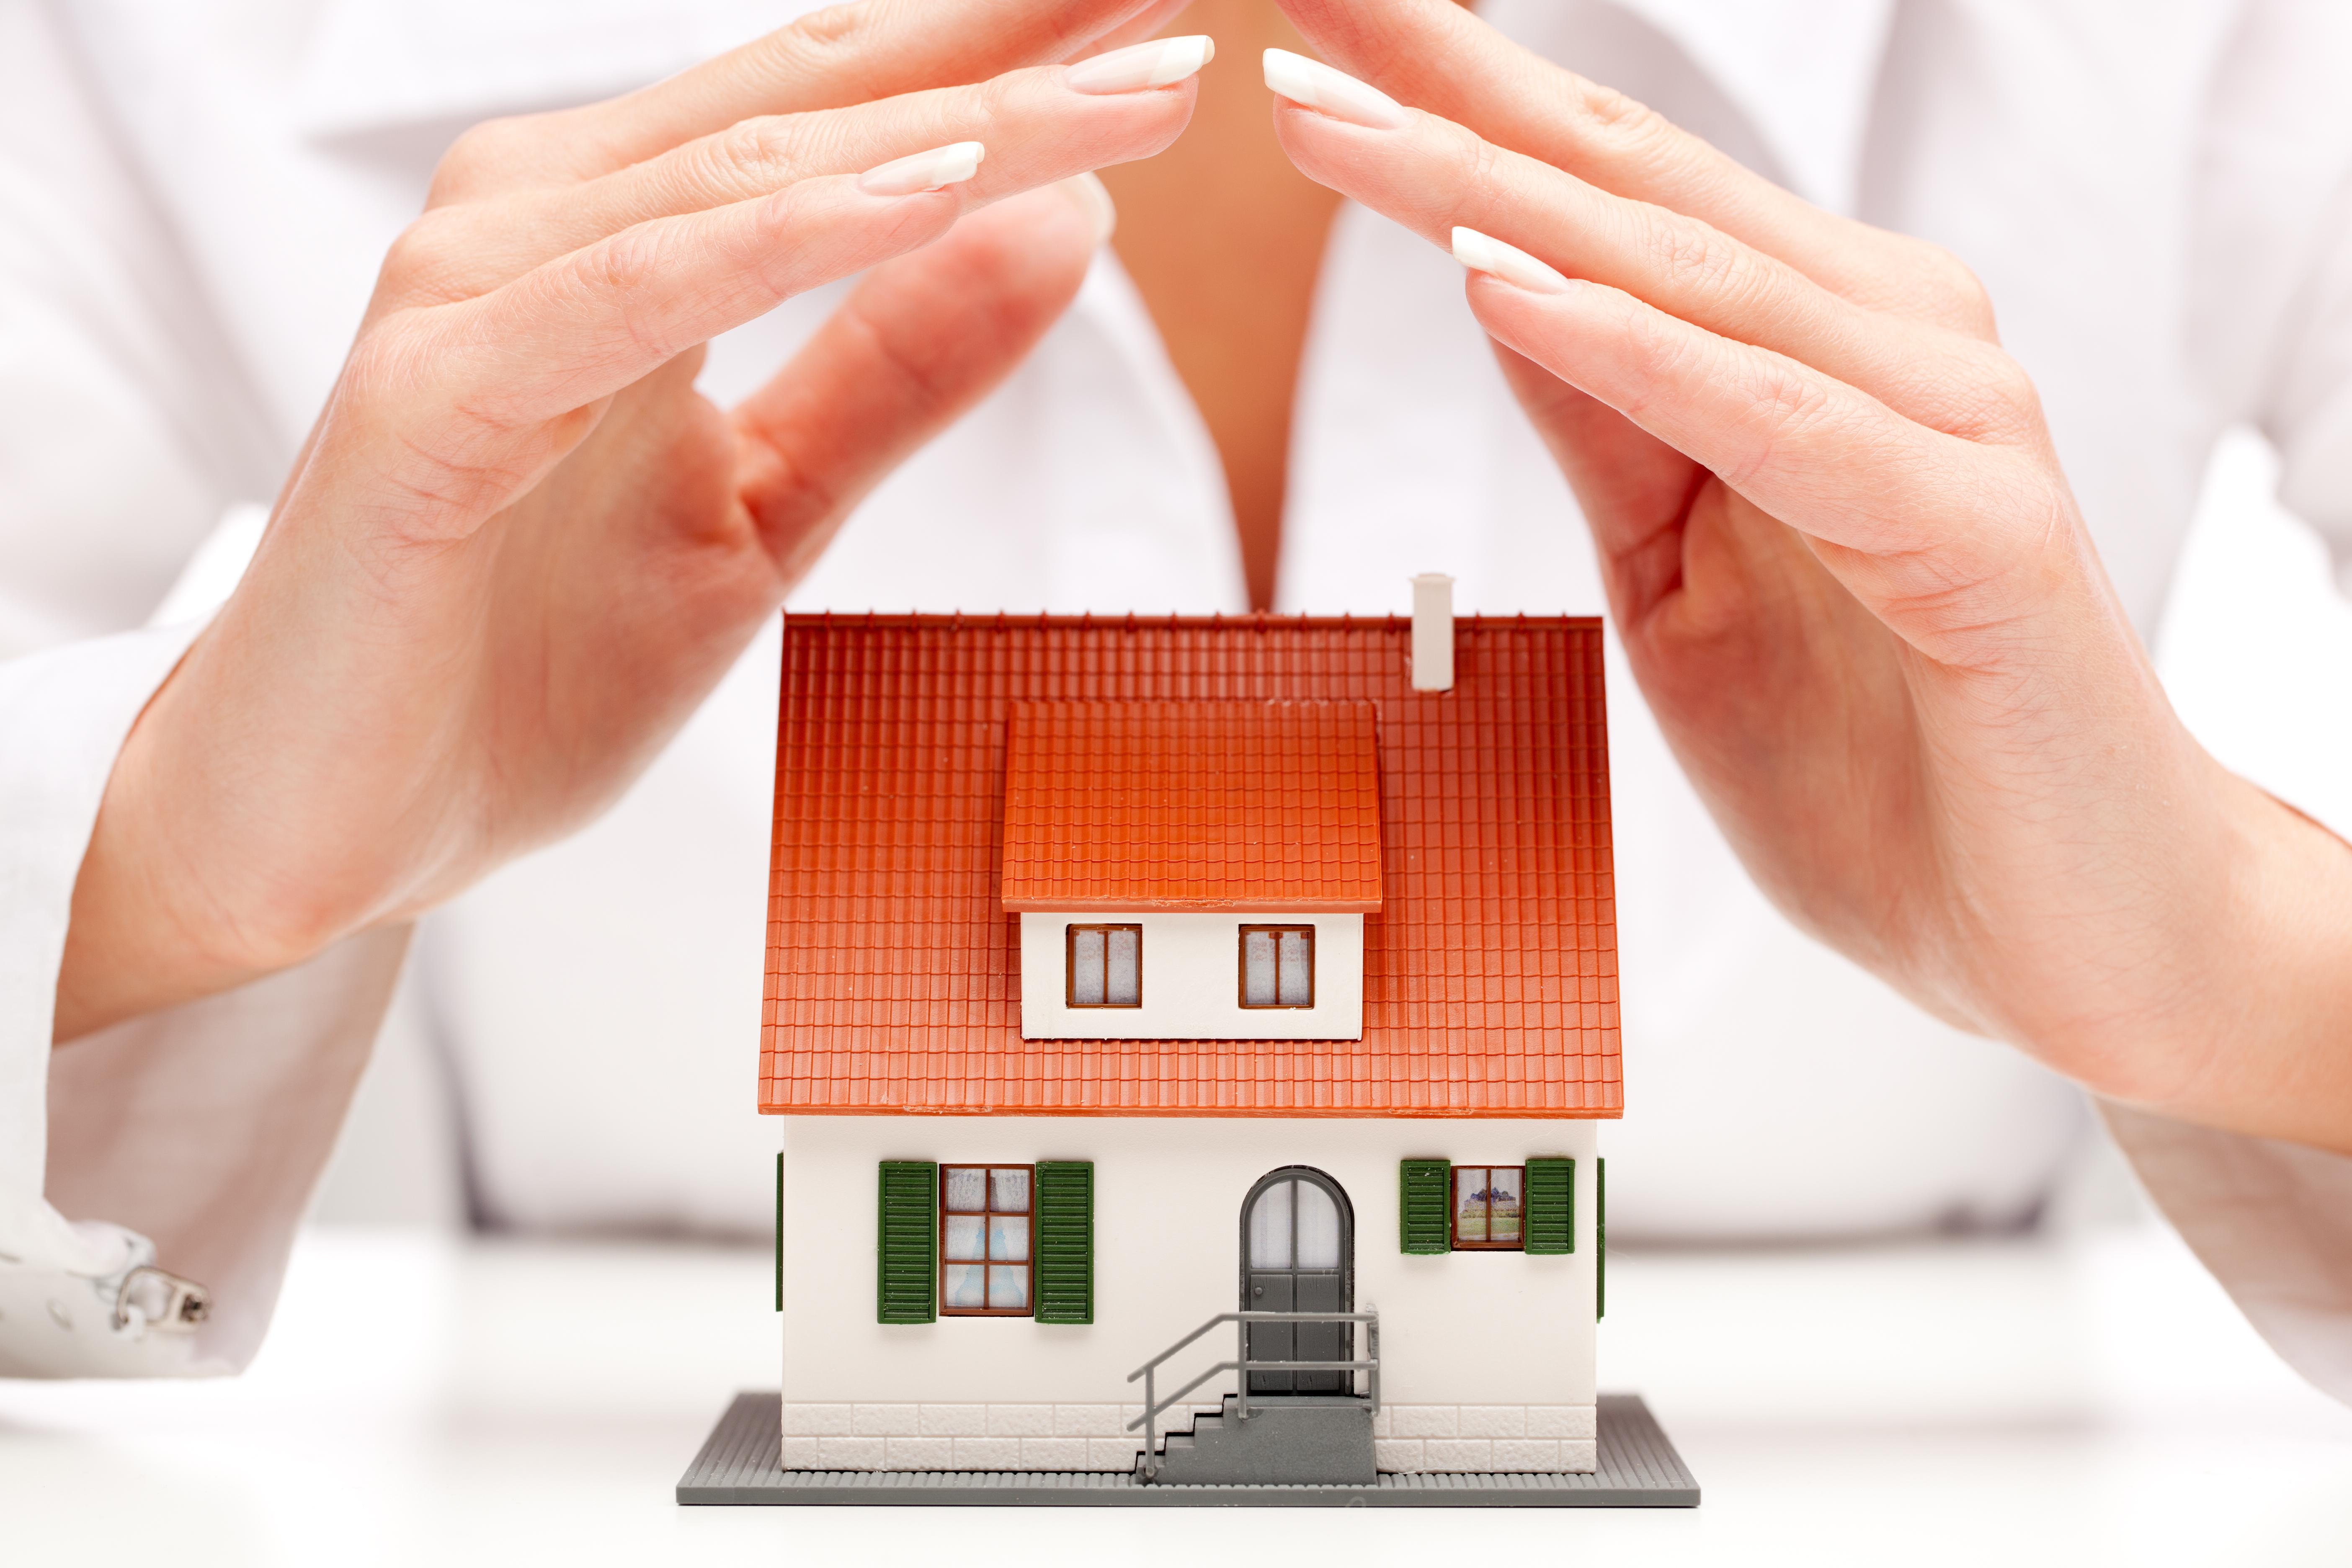 c5df81a0 Hvordan unngå skatt ved salg av bolig?   Huseierne